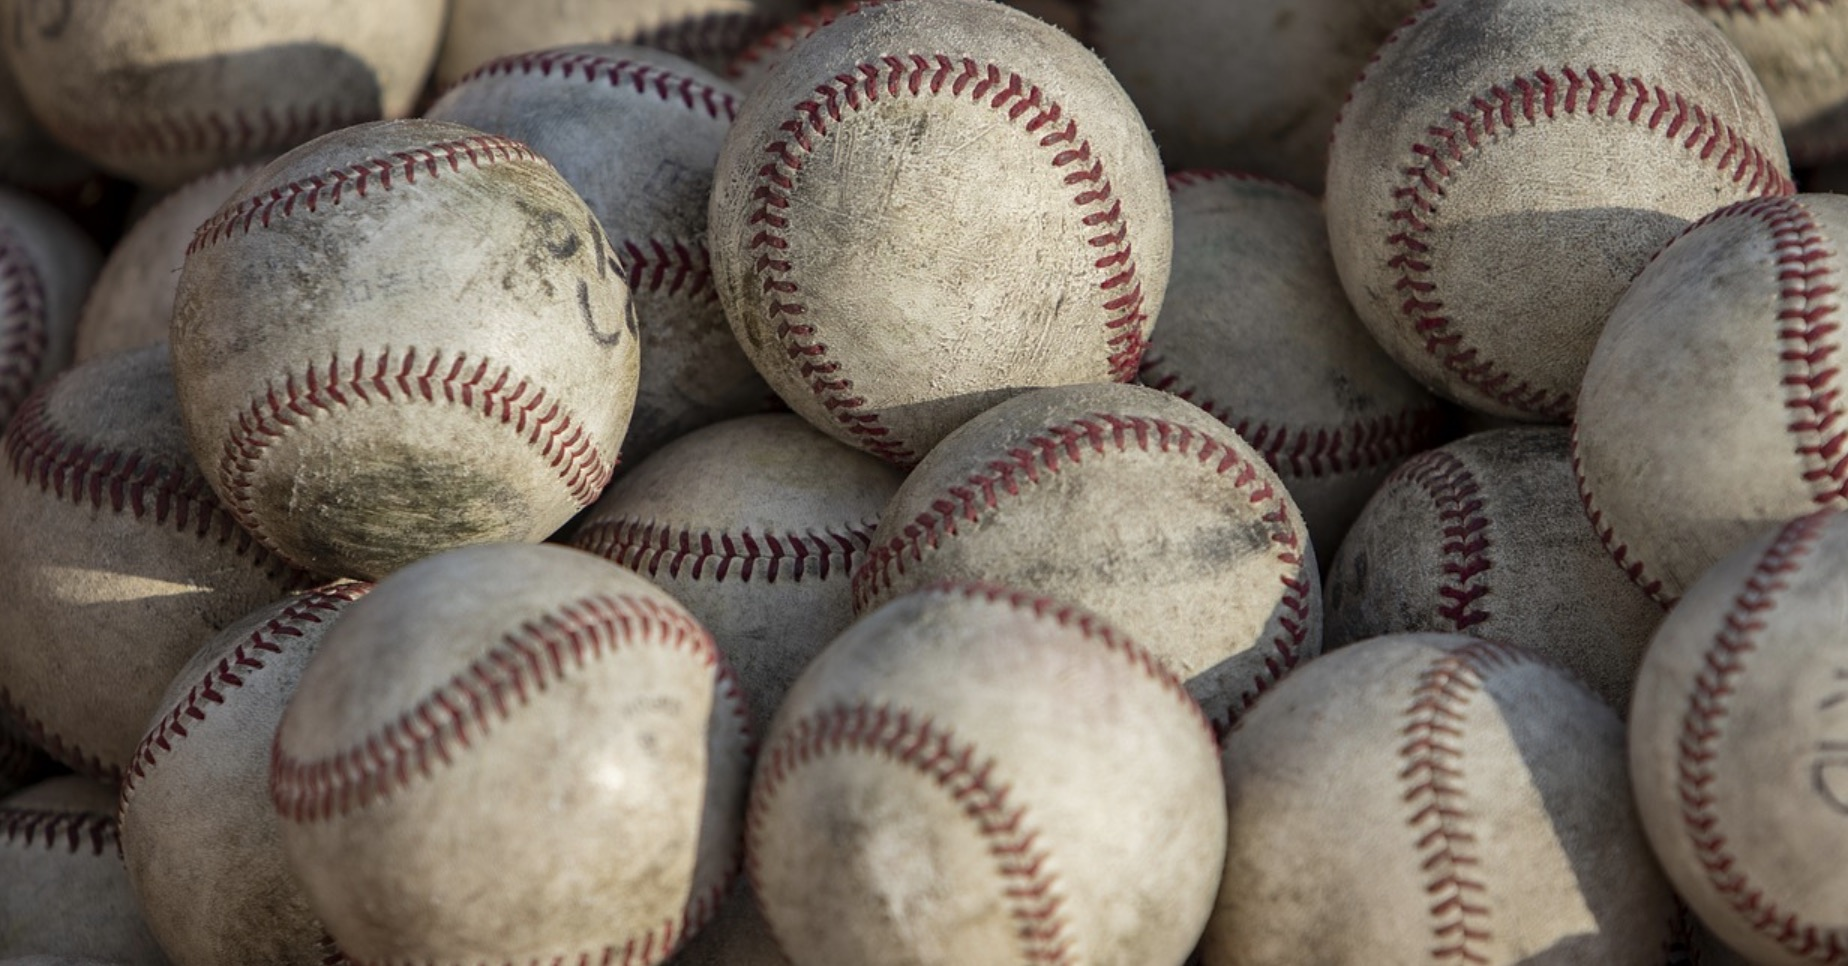 Pewniaki na baseball - 13 grudnia (czwartek)